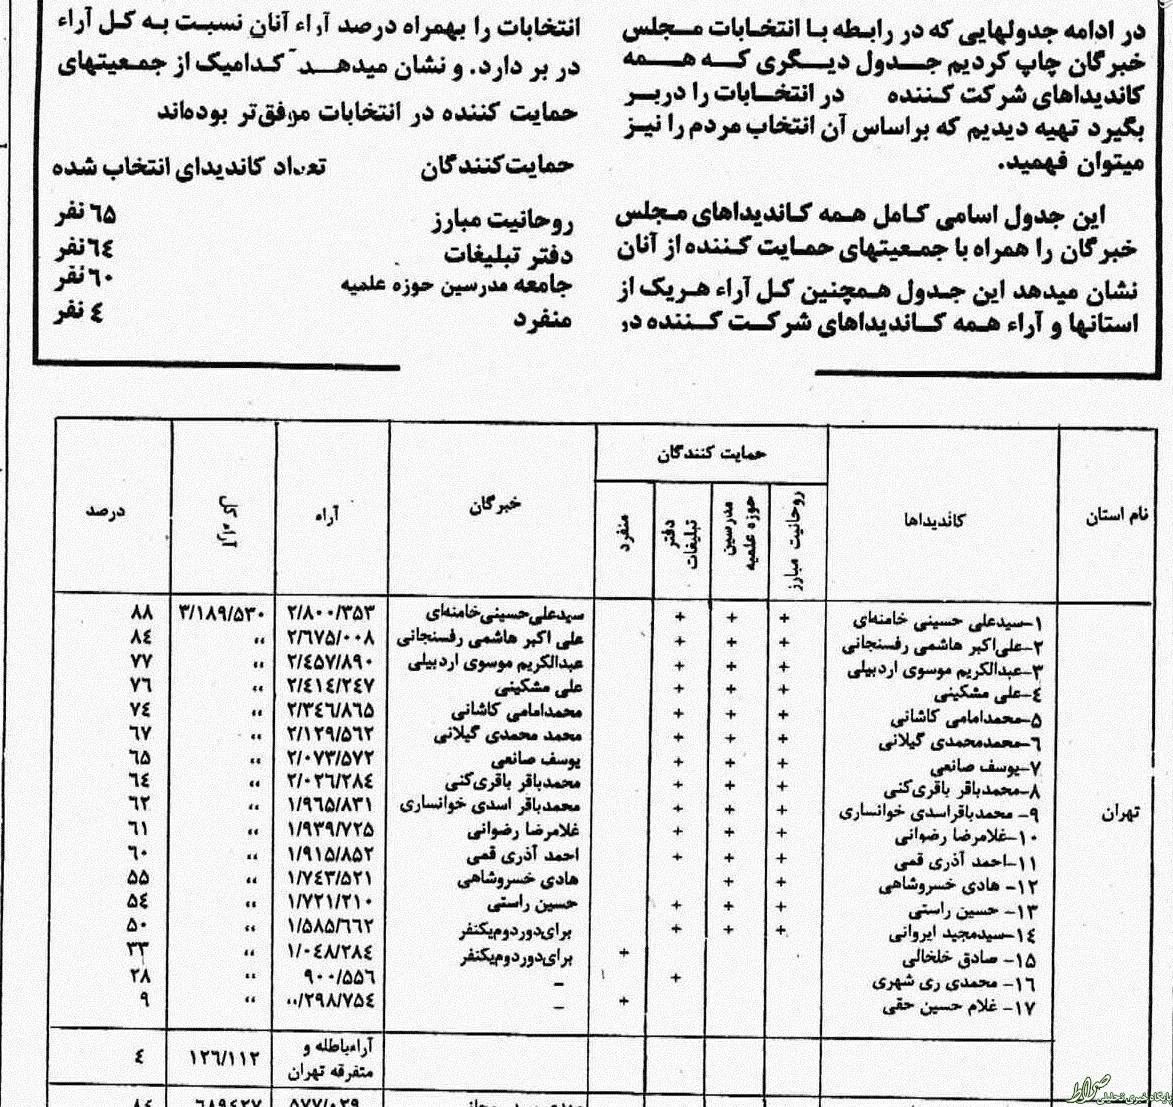 پرونده:خبرگان اول تهران.jpg